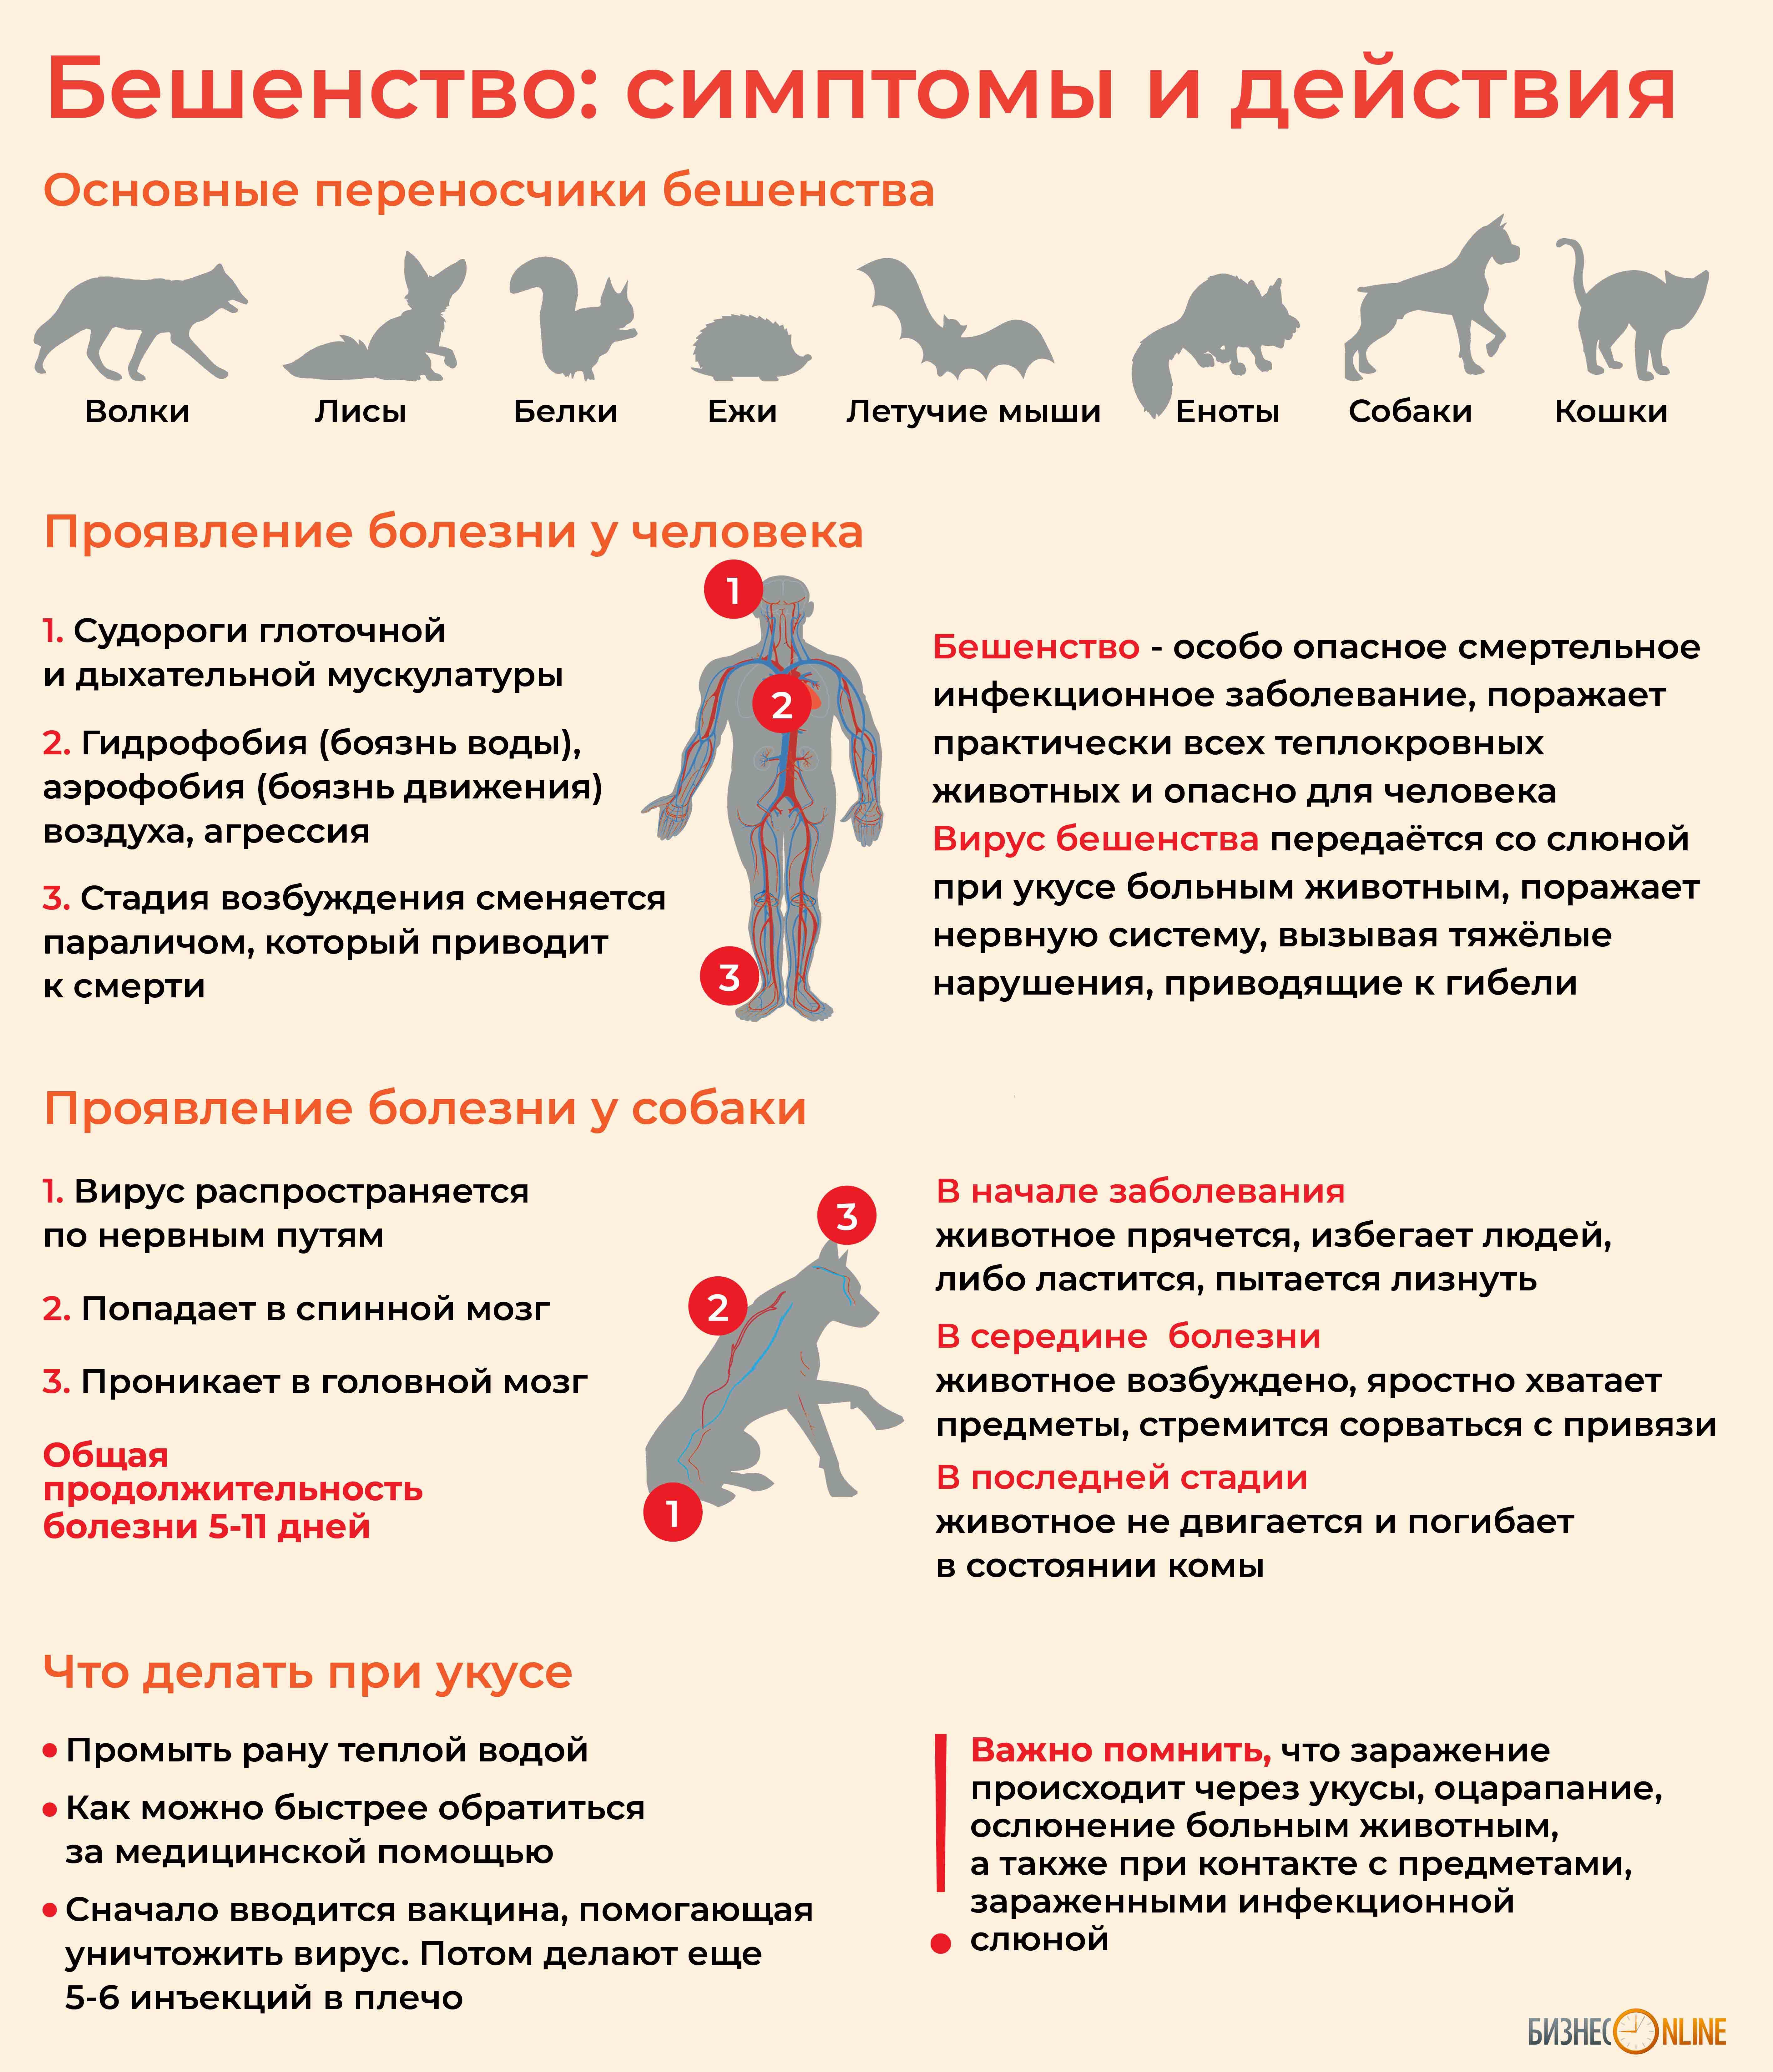 Бешенство у собак: симптомы и лечение